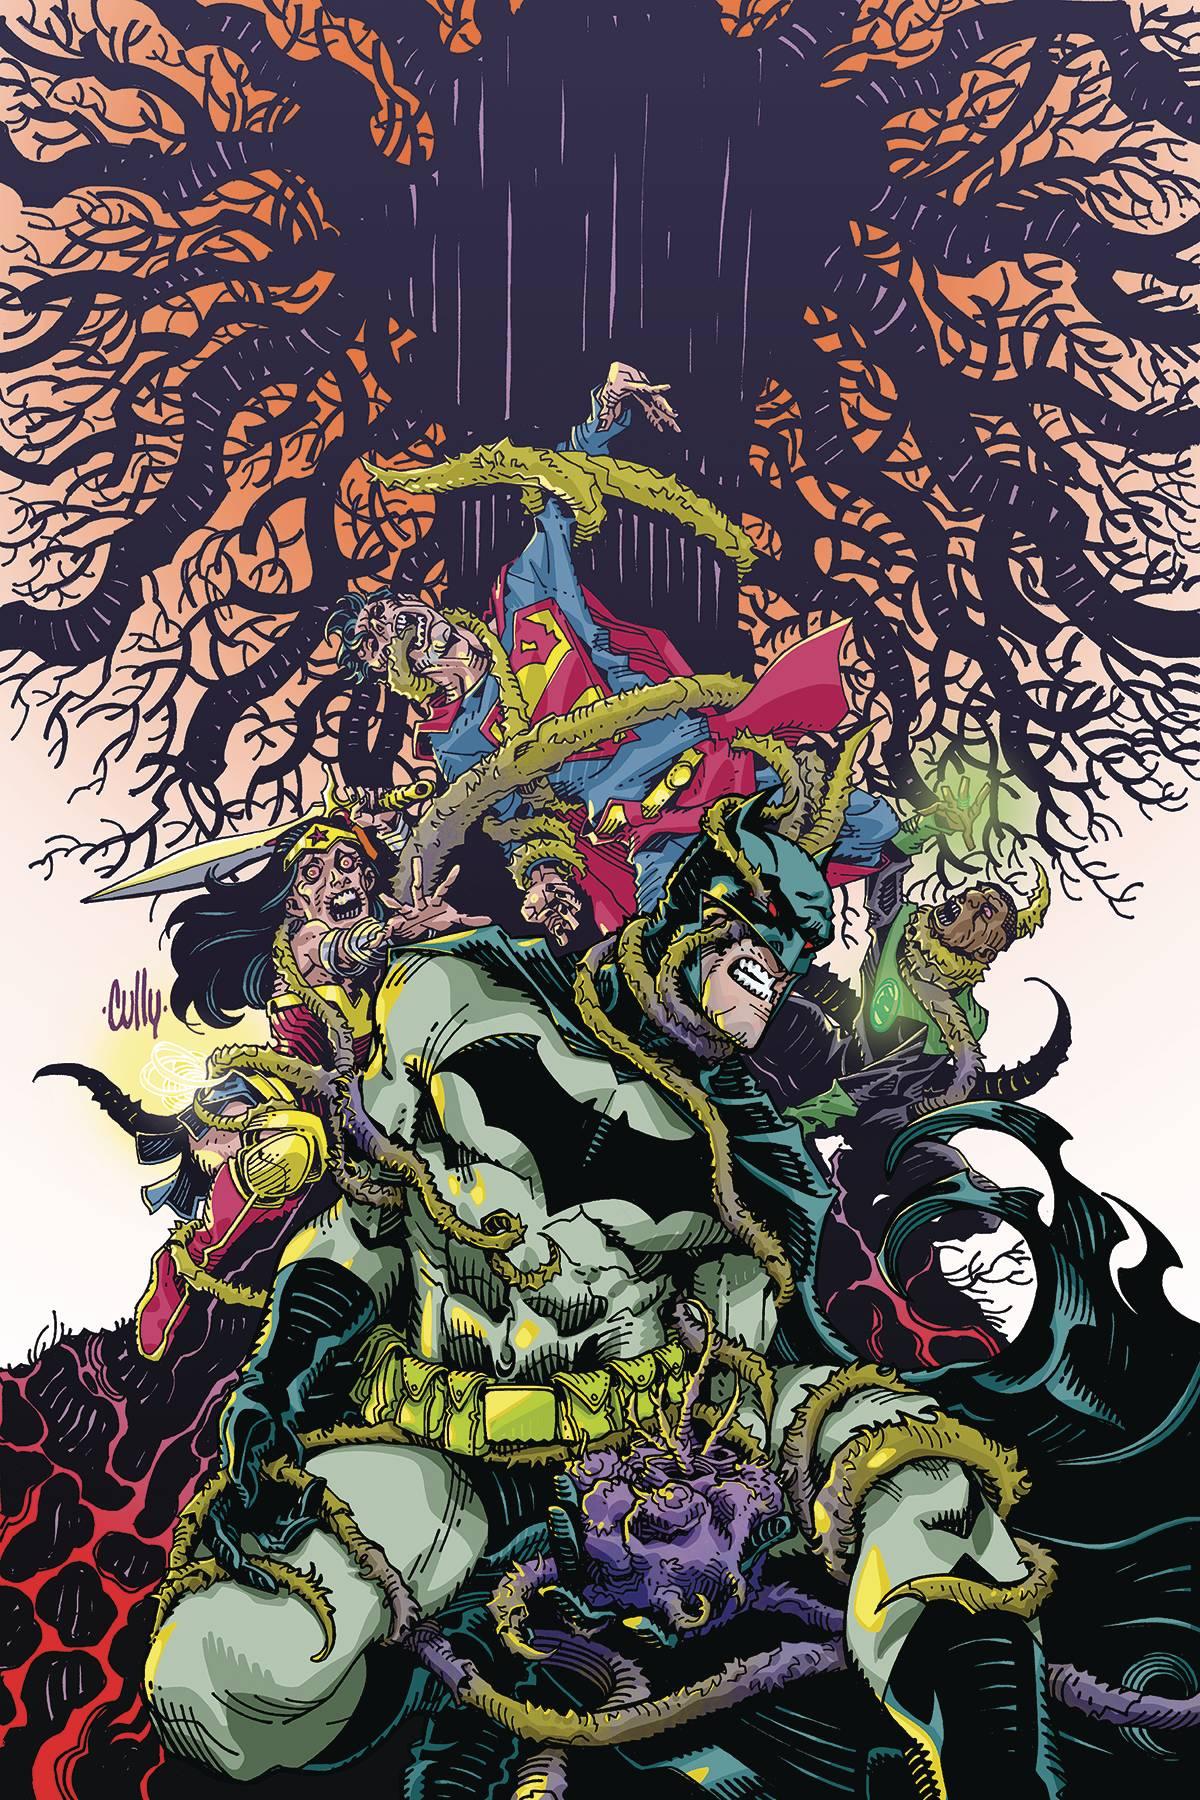 Justice League #52